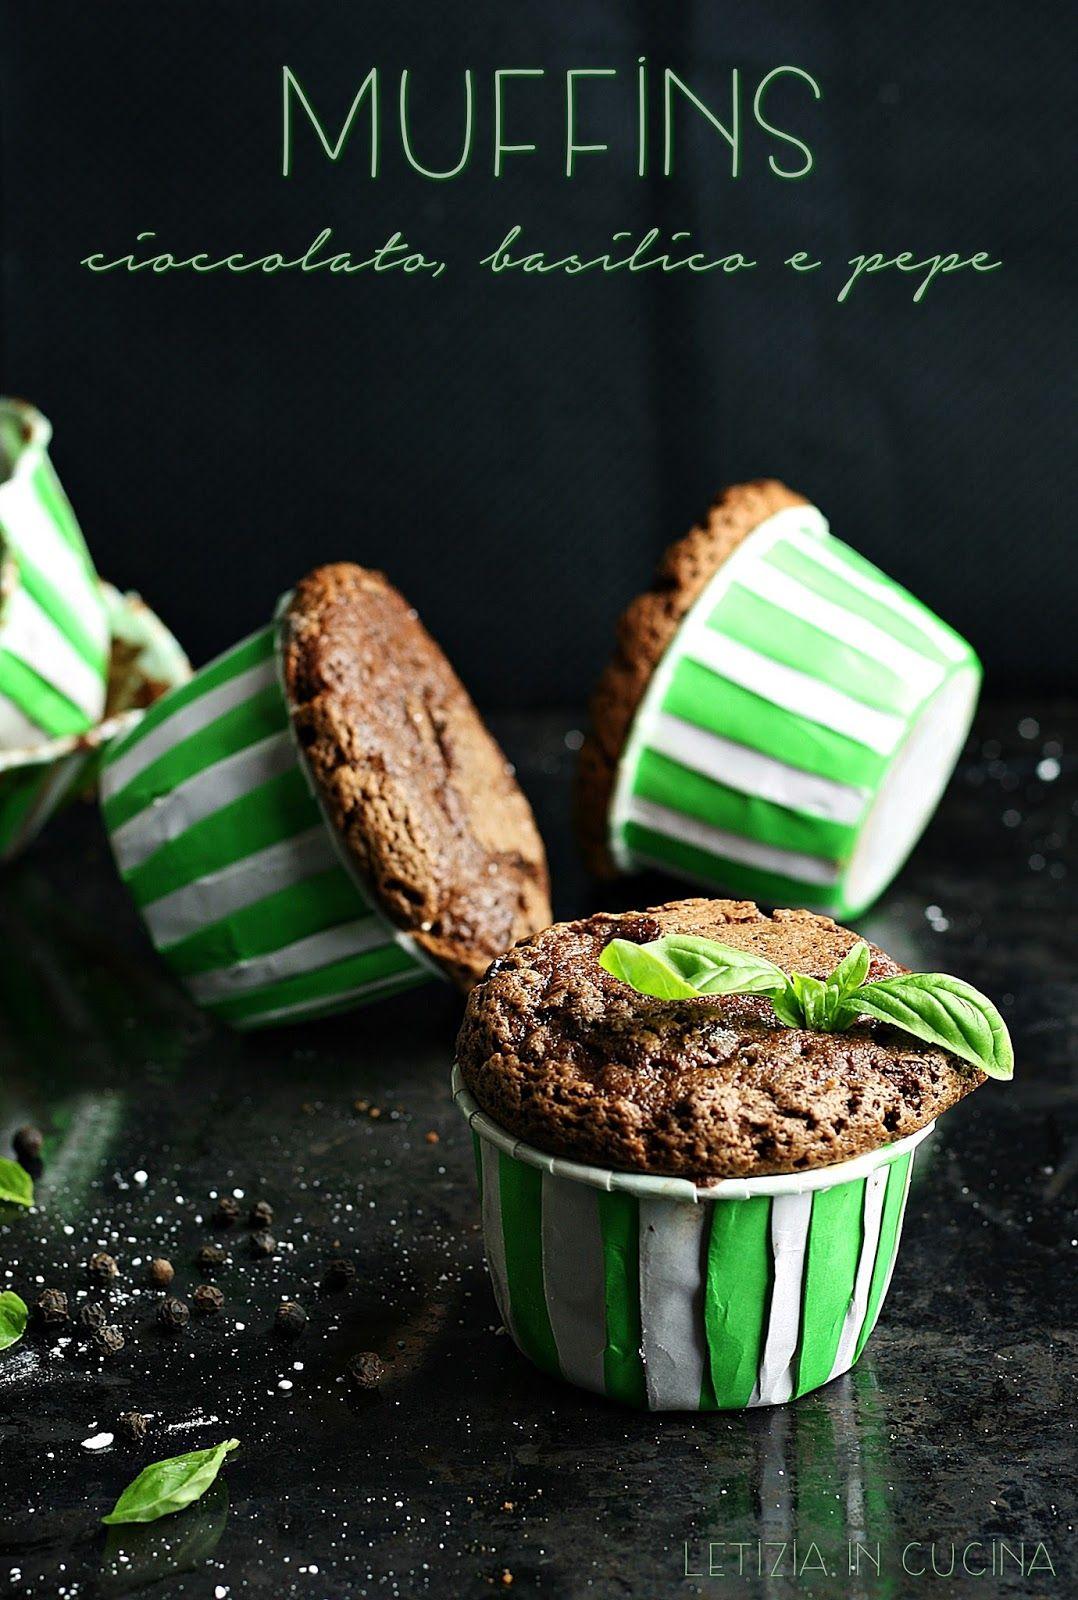 Letizia in Cucina: Muffins con cioccolato, basilico e pepe | Muffins ...